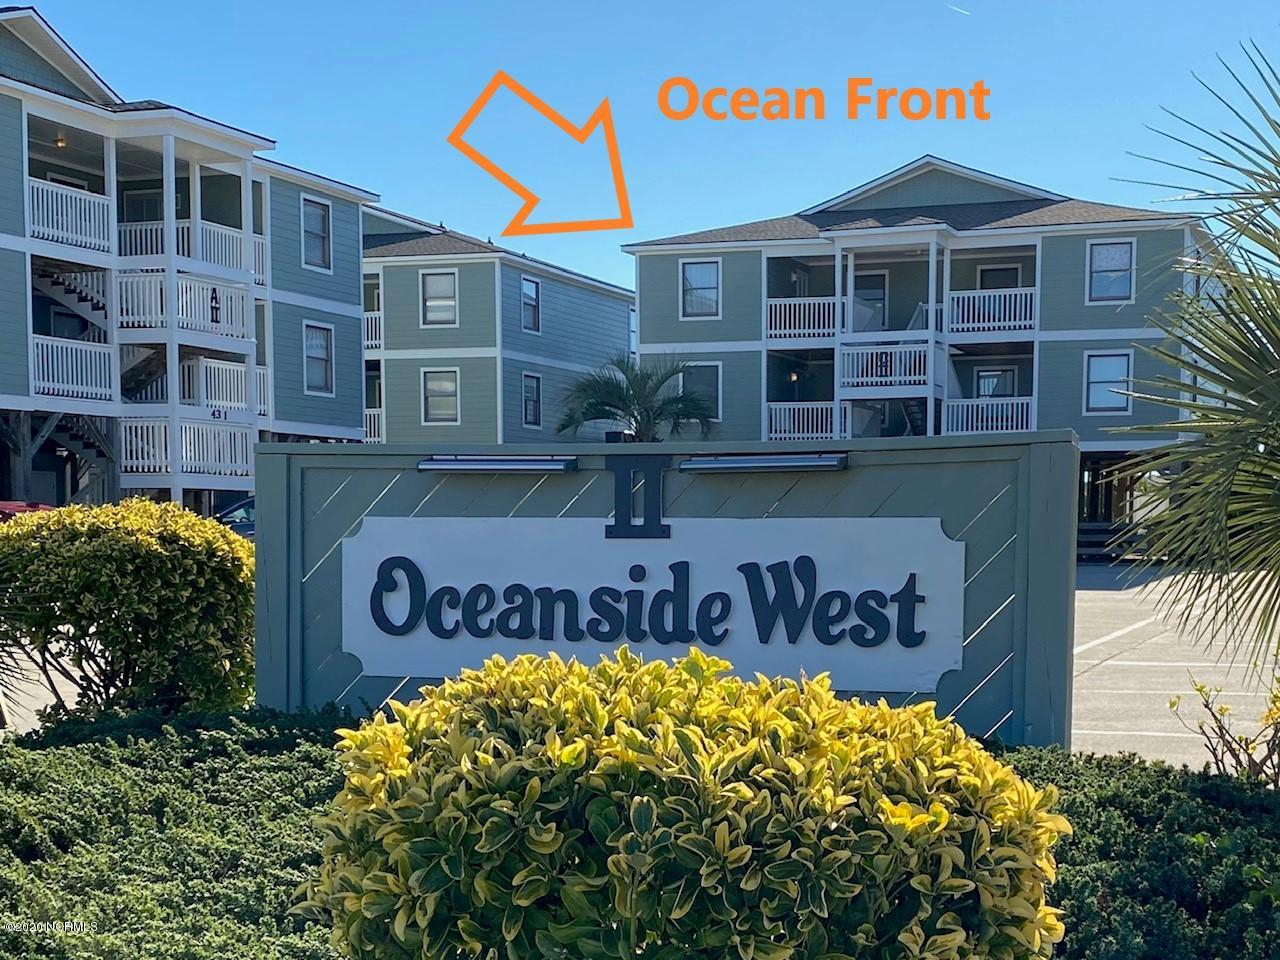 45 #3 Ocean Isle West Boulevard Ocean Isle Beach, NC 28469